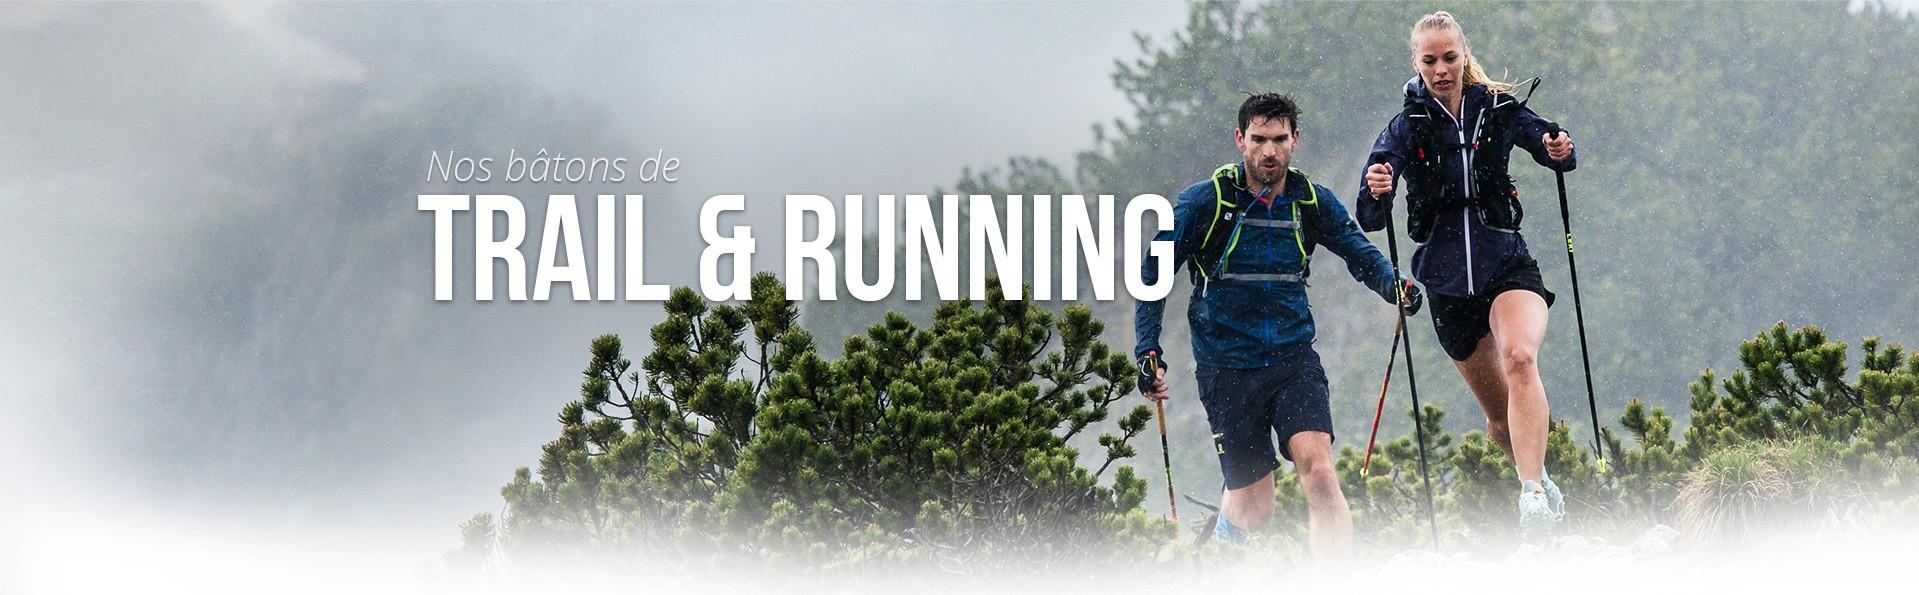 Bâton de Trail Running